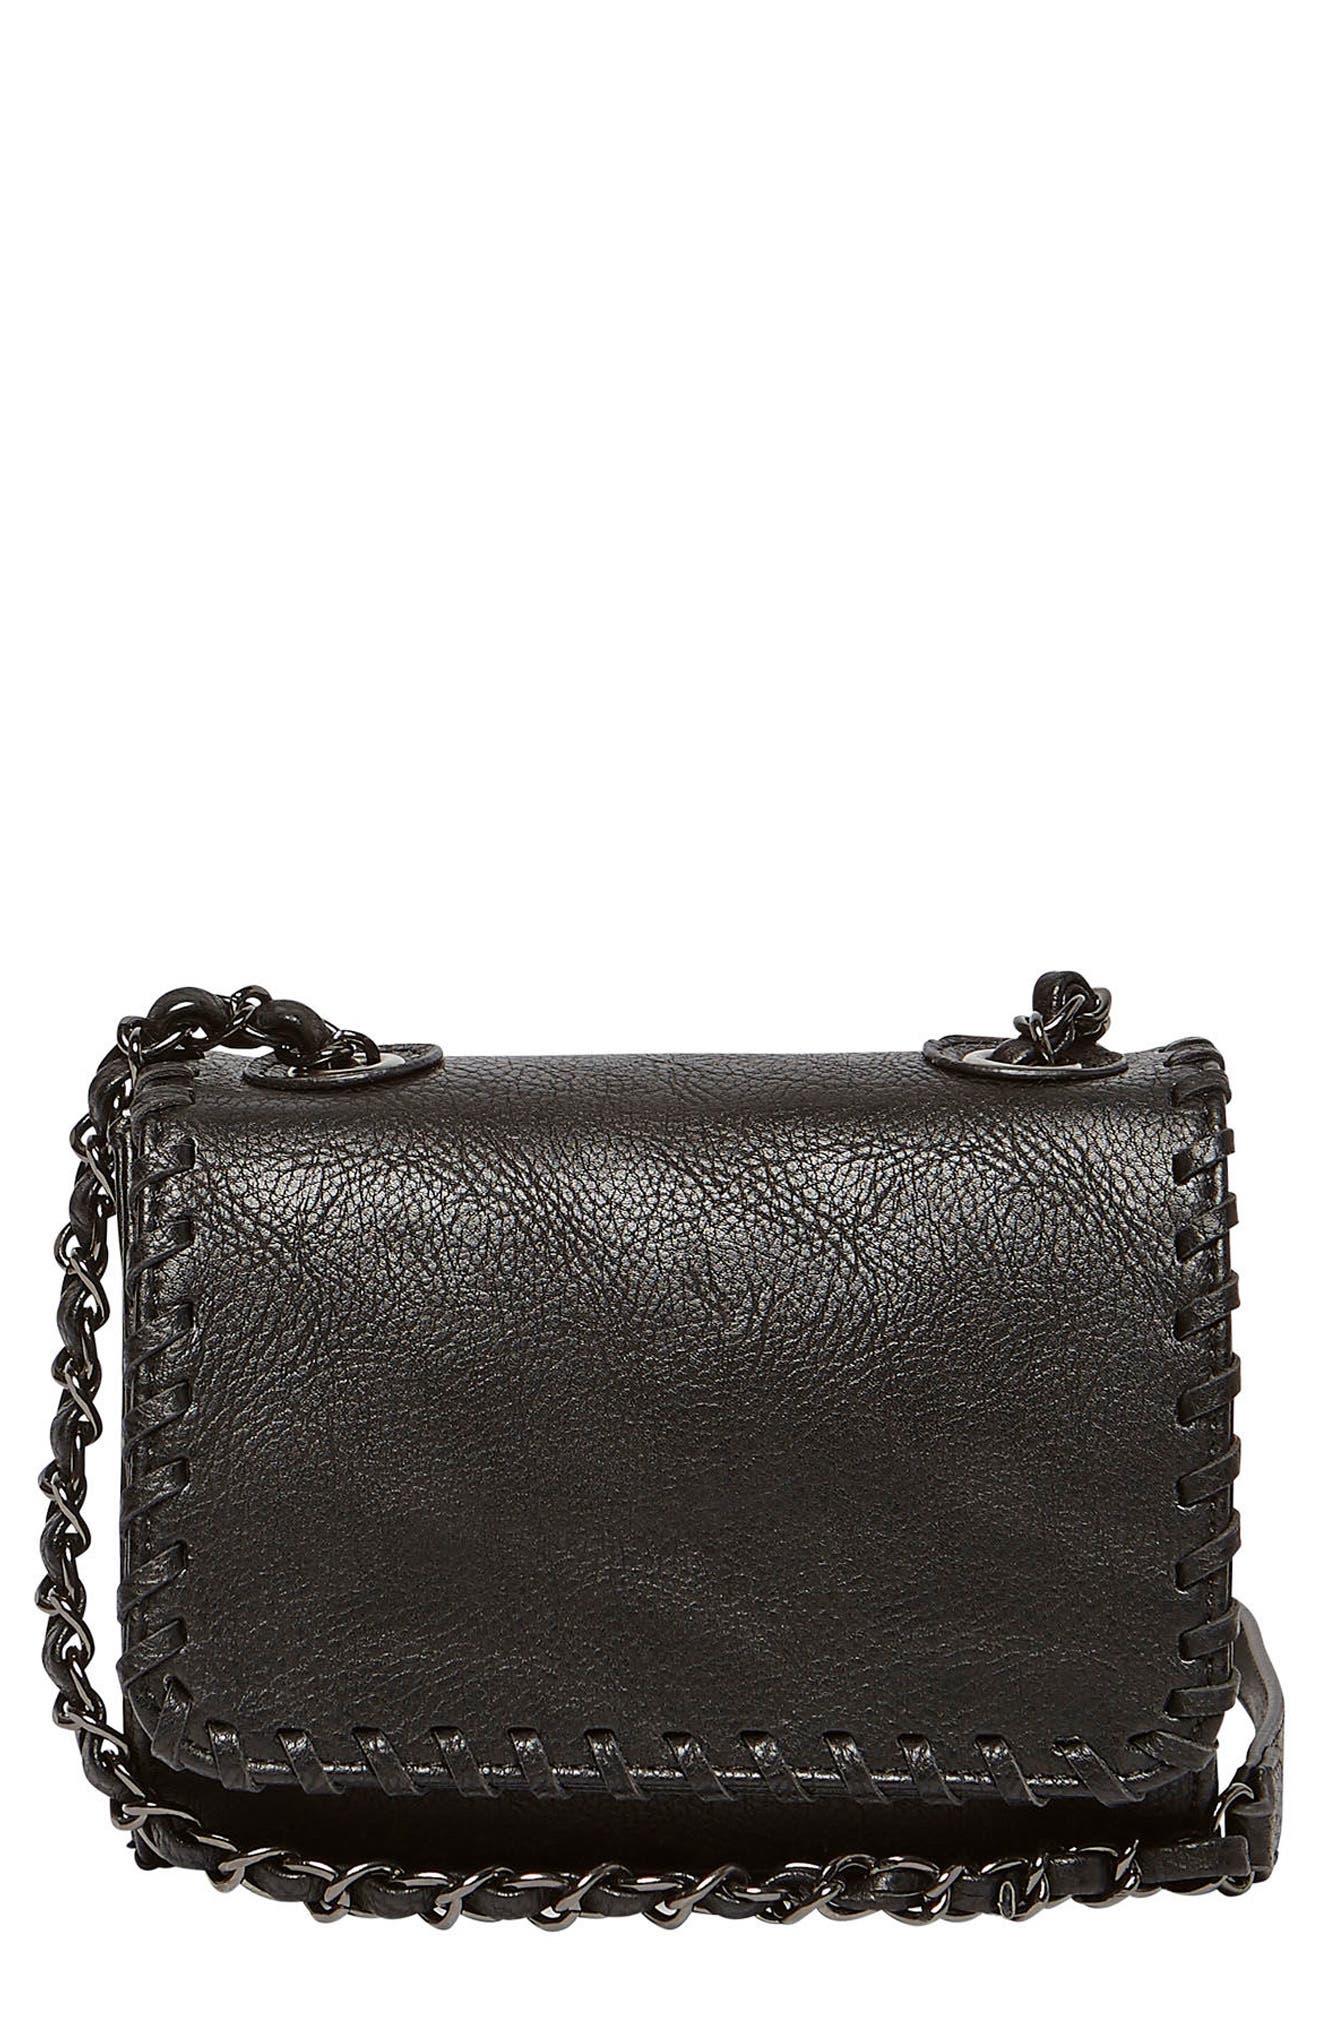 Loveliness Vegan Leather Shoulder Bag,                         Main,                         color, Black